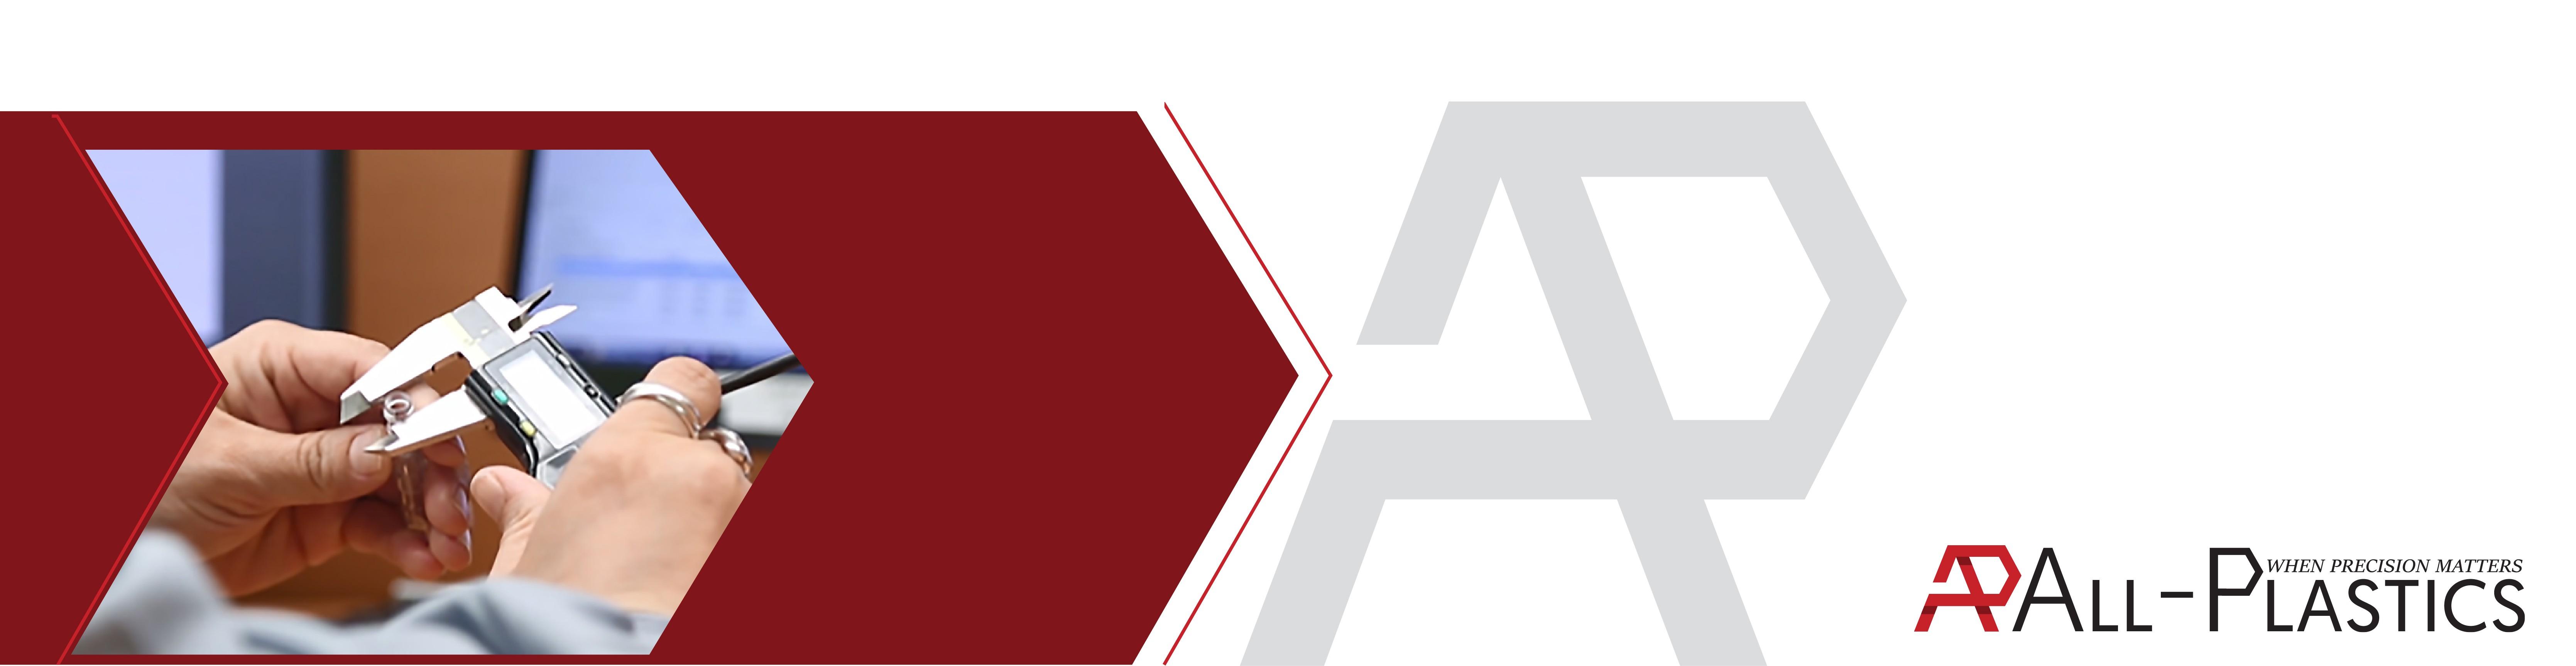 All-Plastics, LLC   LinkedIn